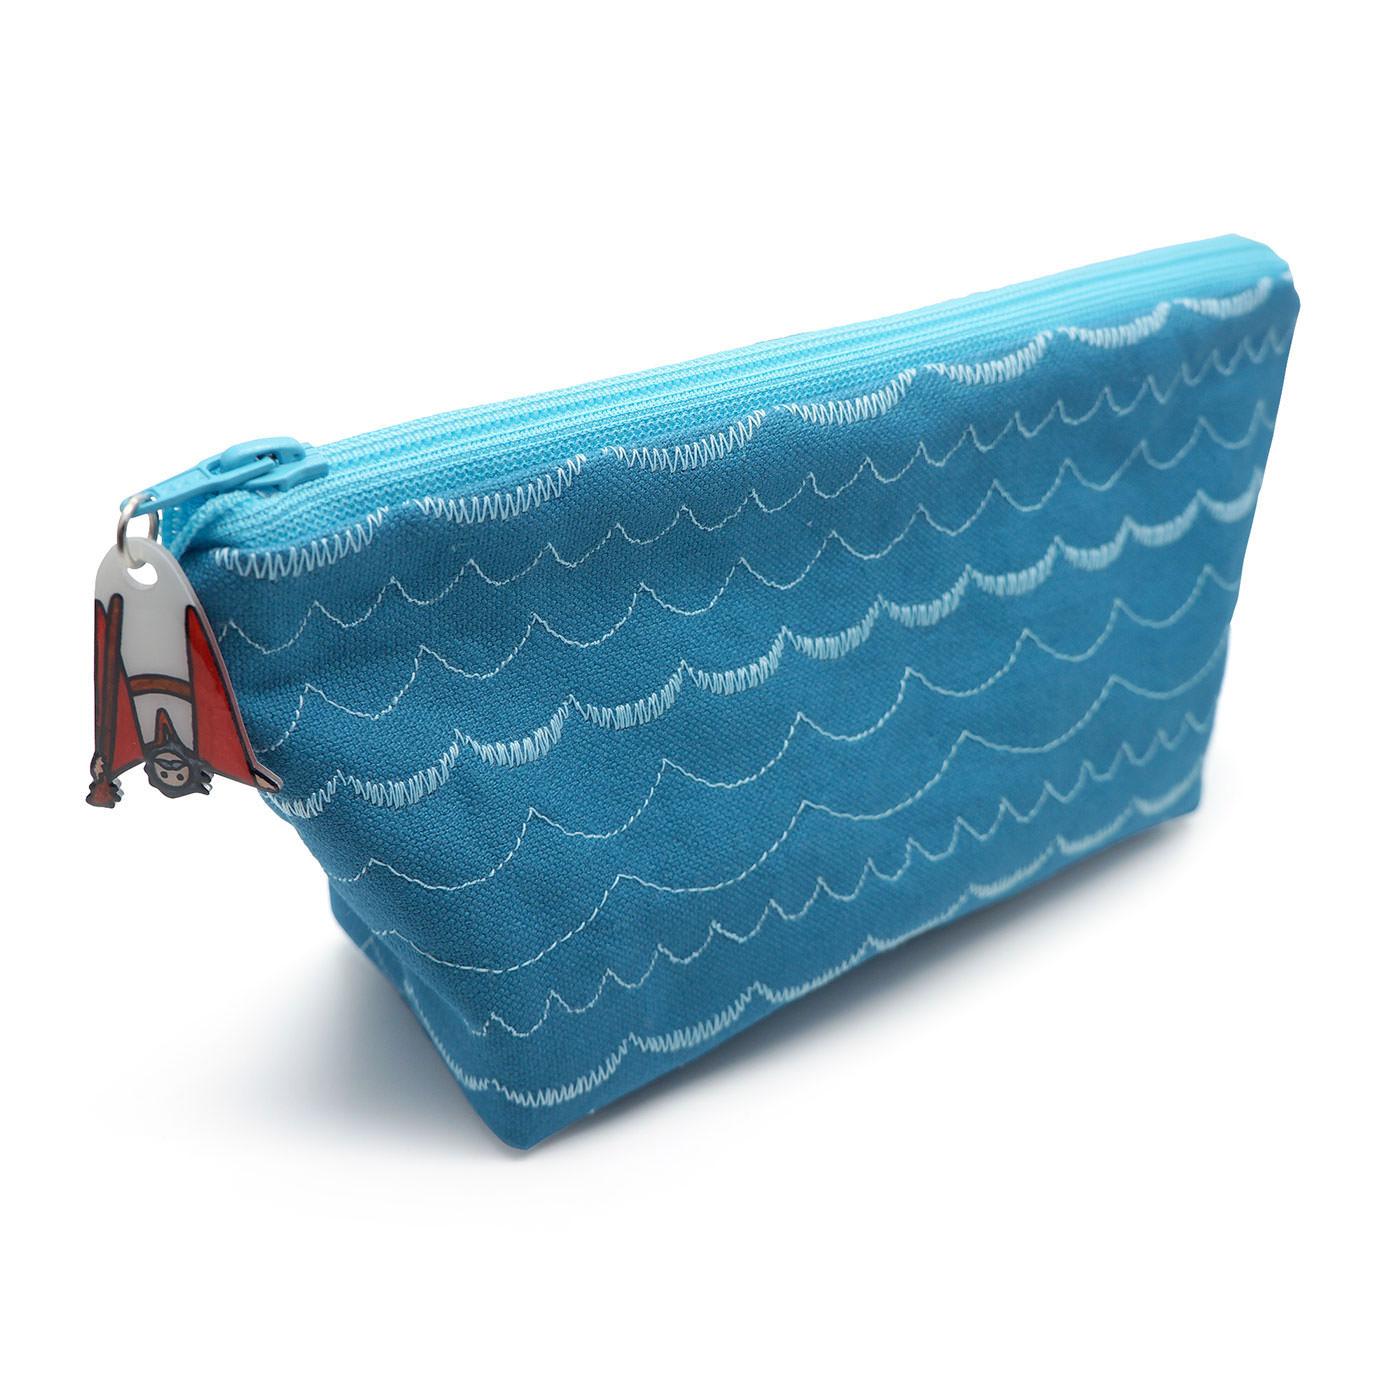 波の刺しゅうがオシャレな海のデザイン。